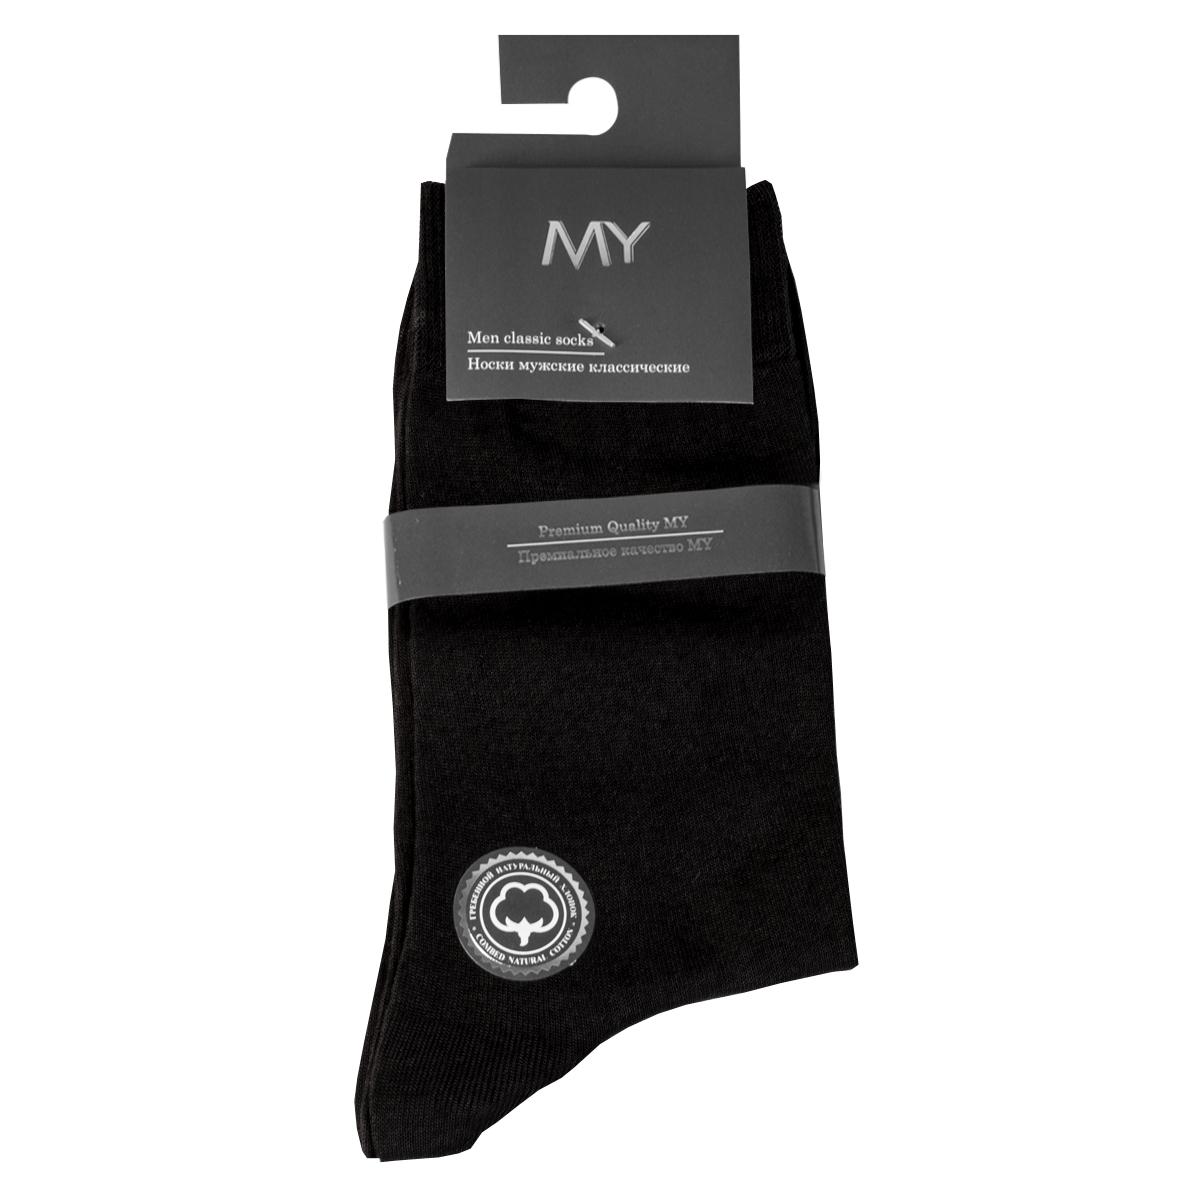 Носки мужские Mirey, цвет: черный. MSC 005. Размер (44/46)MSC 005Классические мужские тонкие носки от Mirey выполнены из мерсеризованного хлопка. Усиленный мысок и пятка, комфортная двойная резинка, плоский шов.